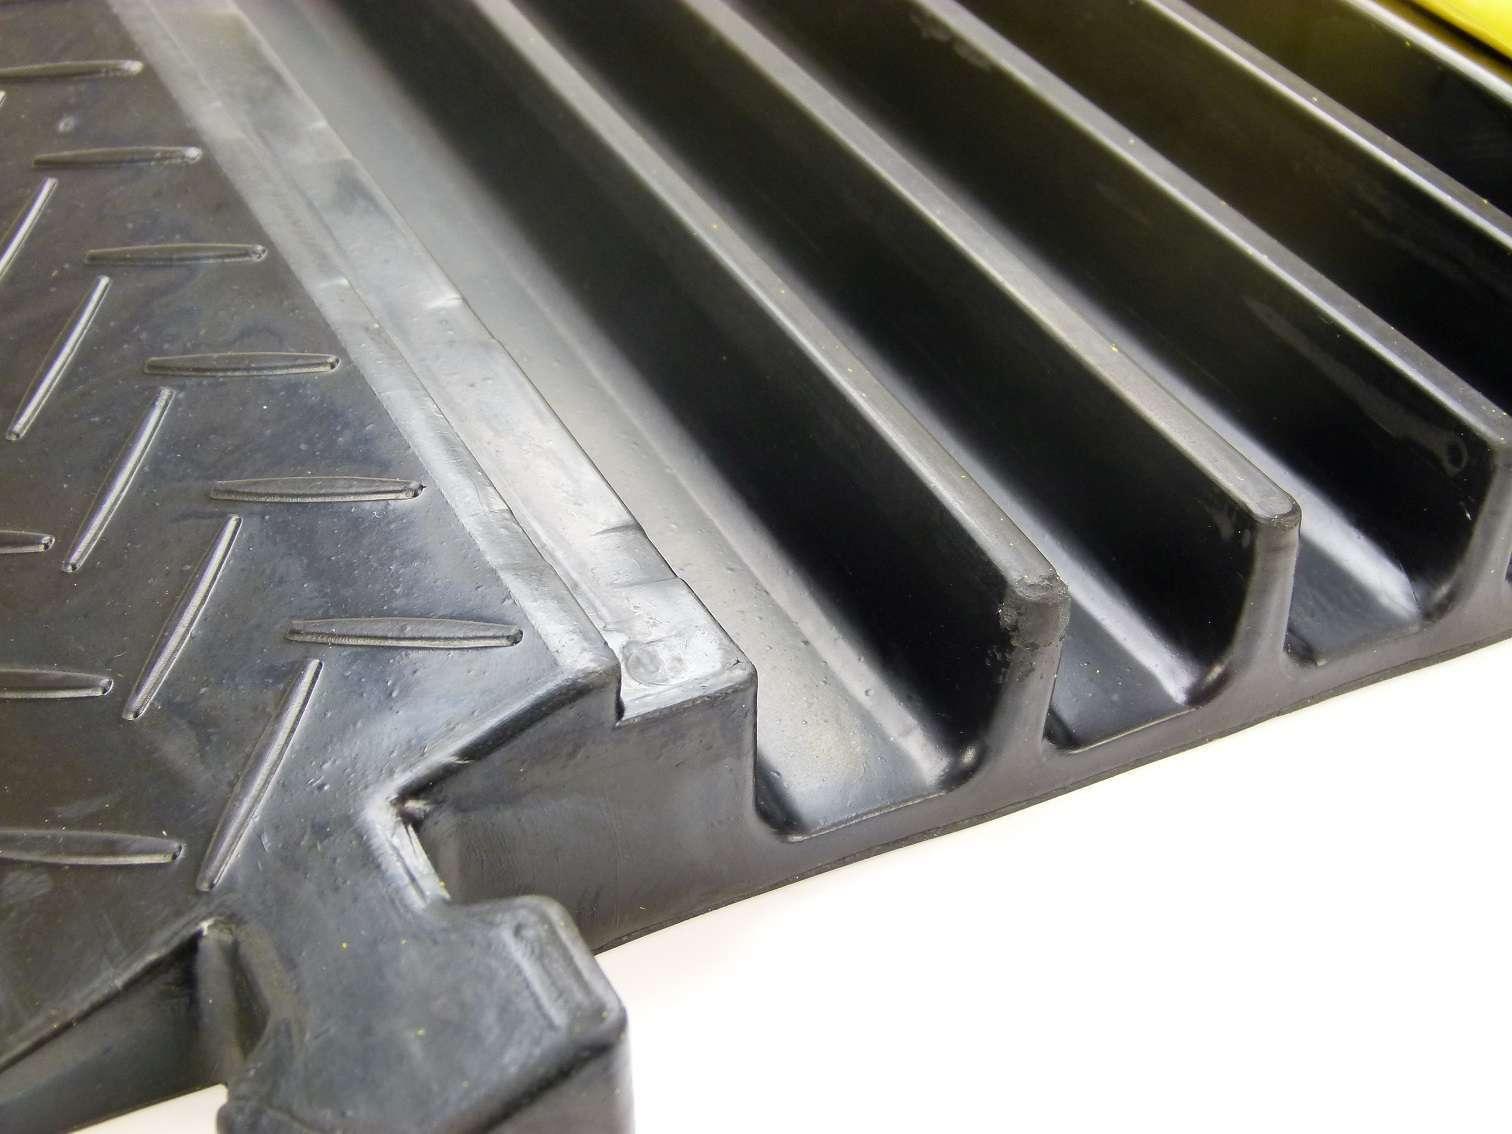 Obligatorisch Gummi Endstück Für 1 Kanal Kabelbrücke Cable Board Überfahrschutz Schlauchbrücke Baustellengeräte & -ausrüstung